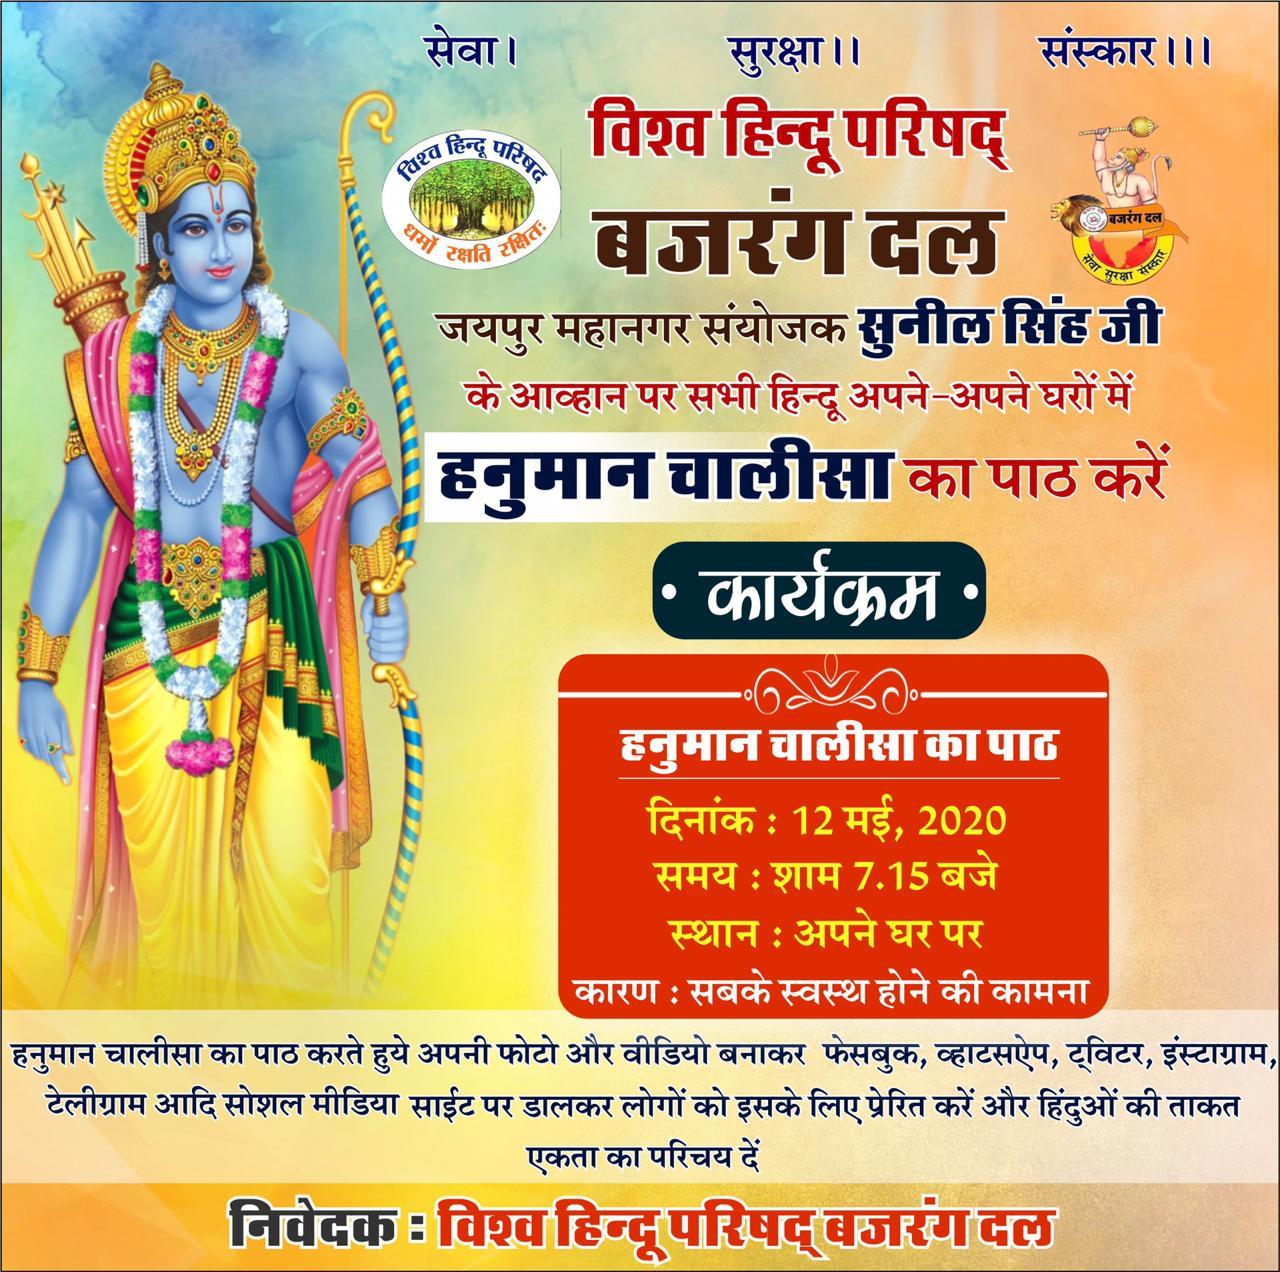 विश्व हिंदू परिषद बजरंग दल की ओर से जयपुर में हनुमान चालीसा पाठ